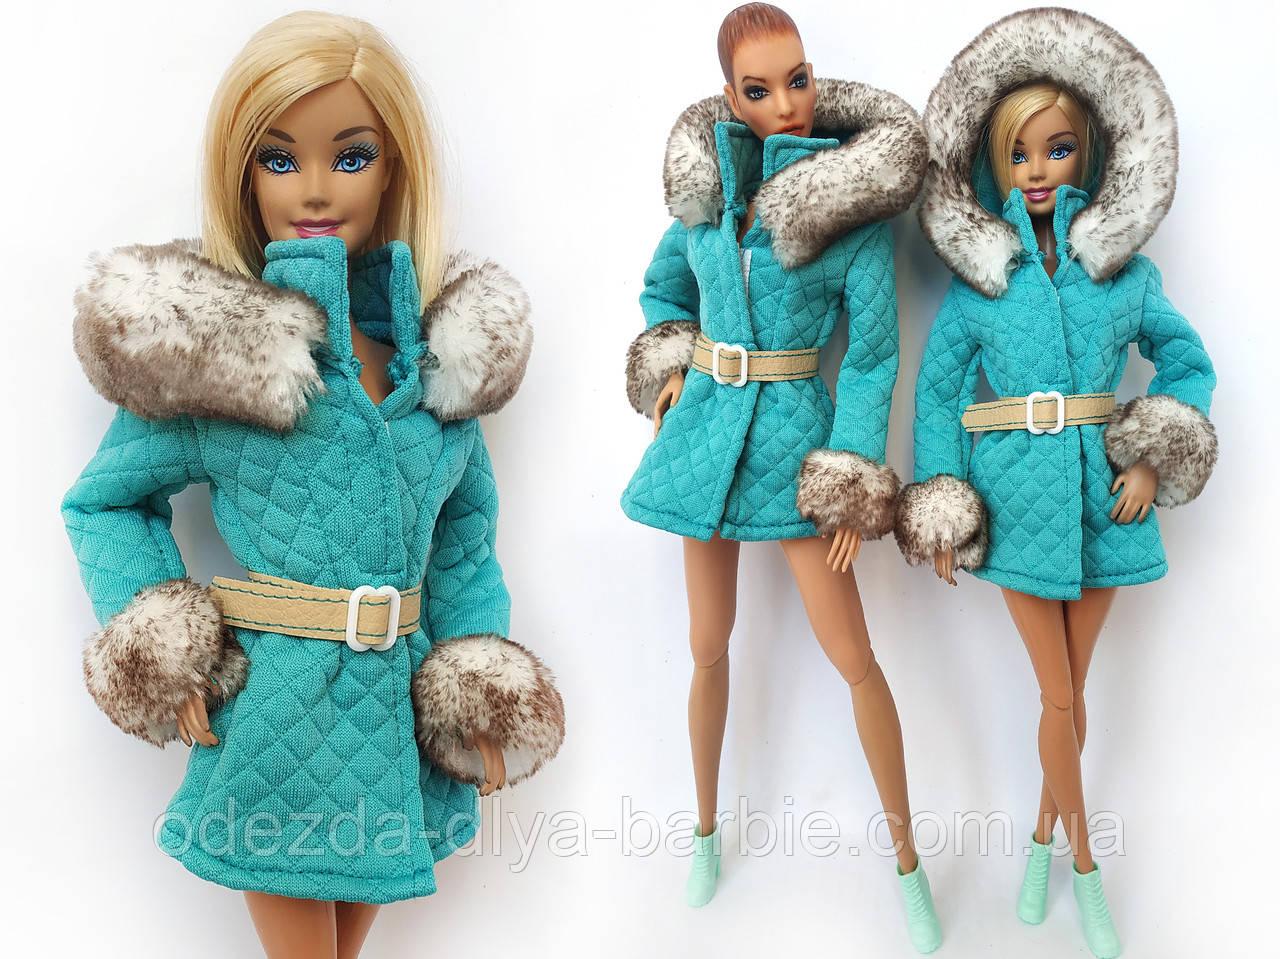 Одежда для кукол Барби - пальто*